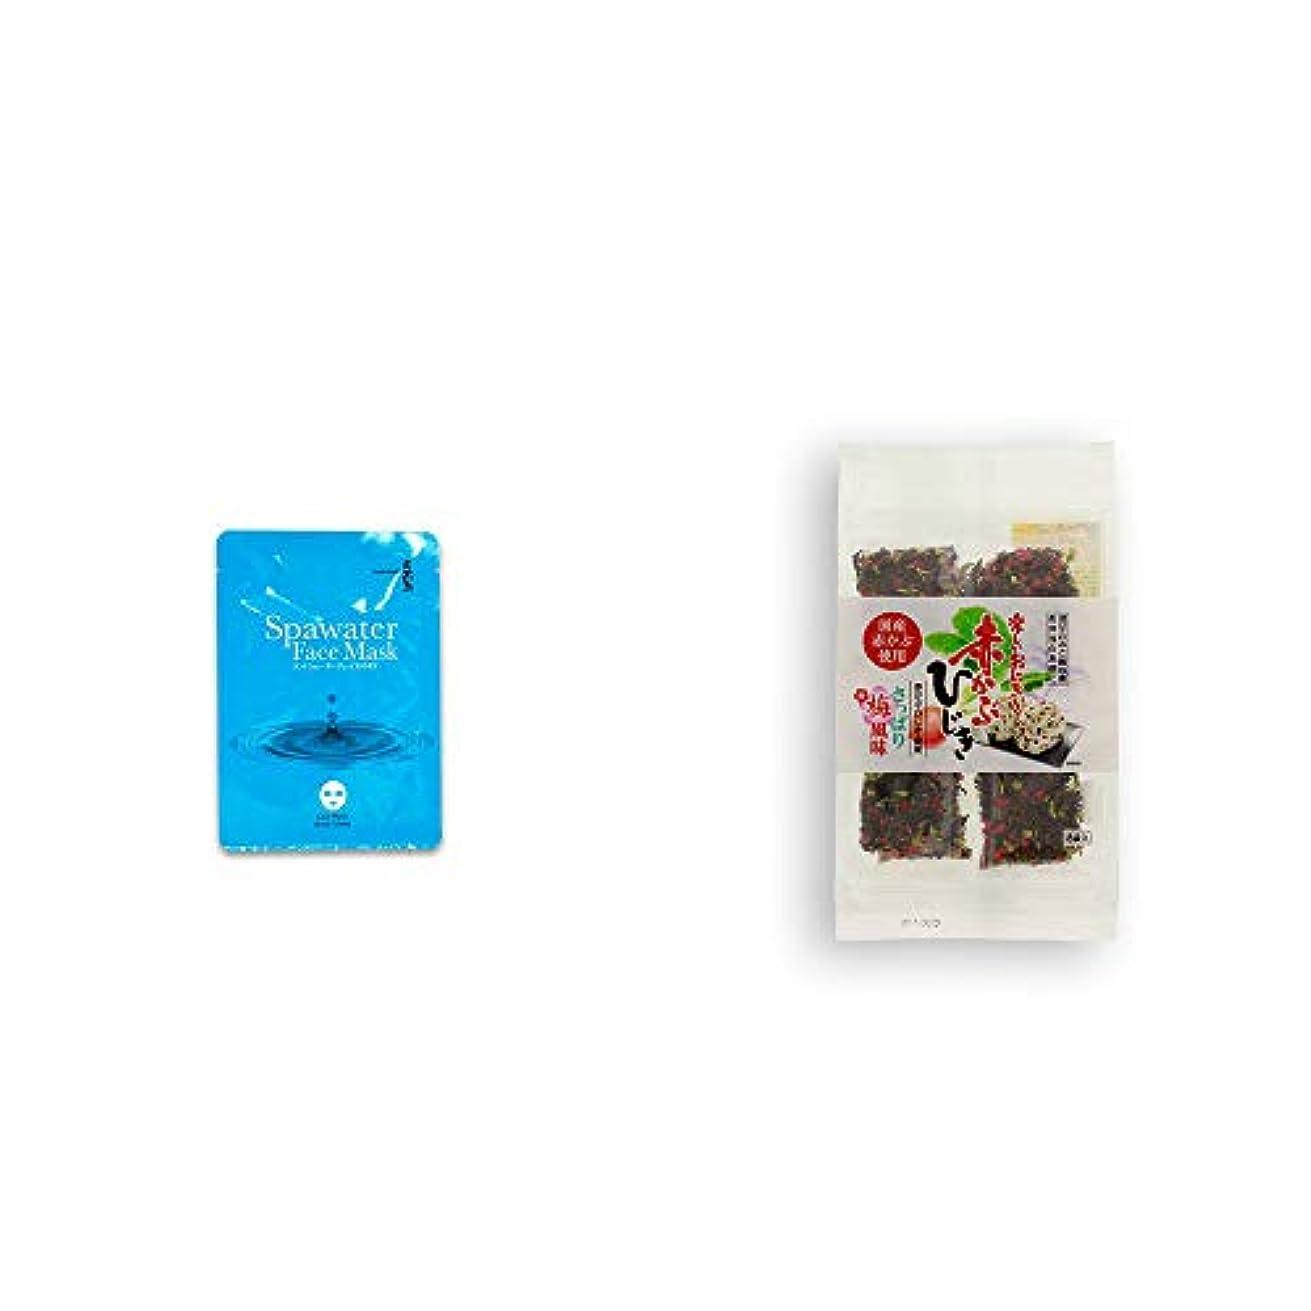 権利を与えるなに留まる[2点セット] ひのき炭黒泉 スパウォーターフェイスマスク(18ml×3枚入)?楽しいおにぎり 赤かぶひじき(8g×8袋)